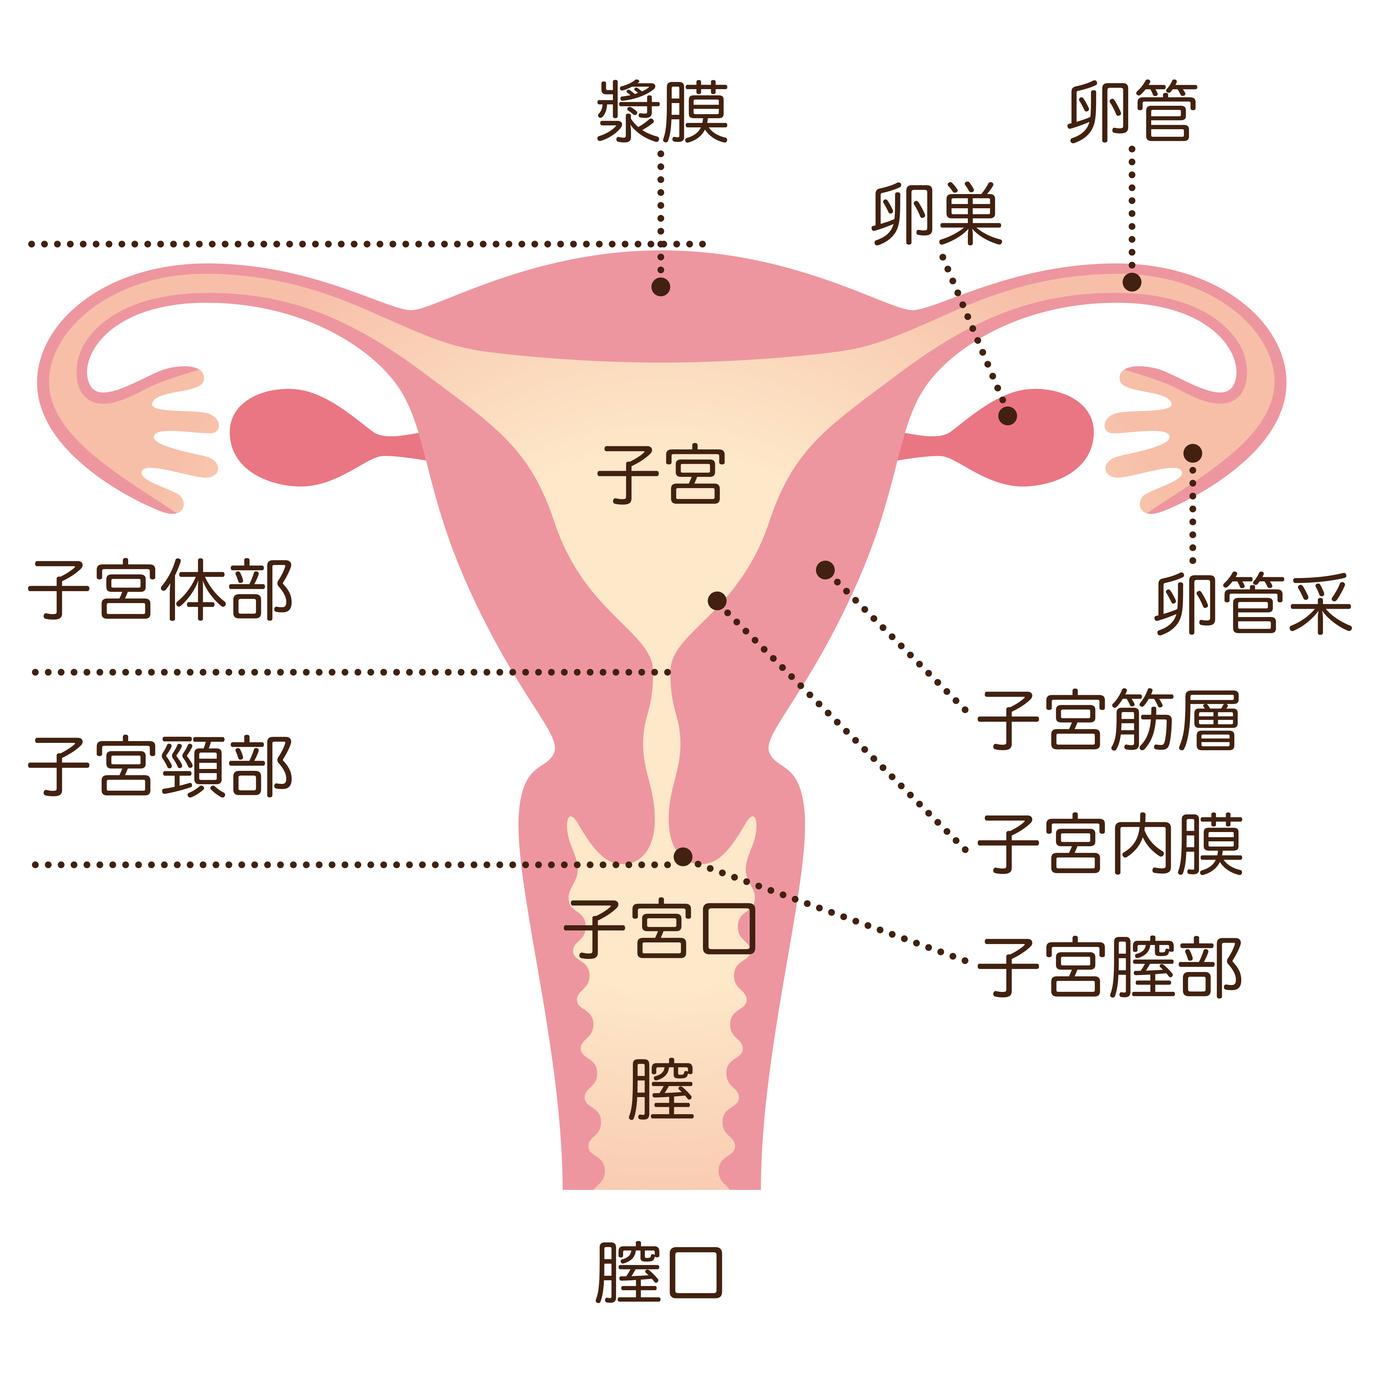 不妊症とは?不妊症の原因は?どのくらいの人が不妊症?